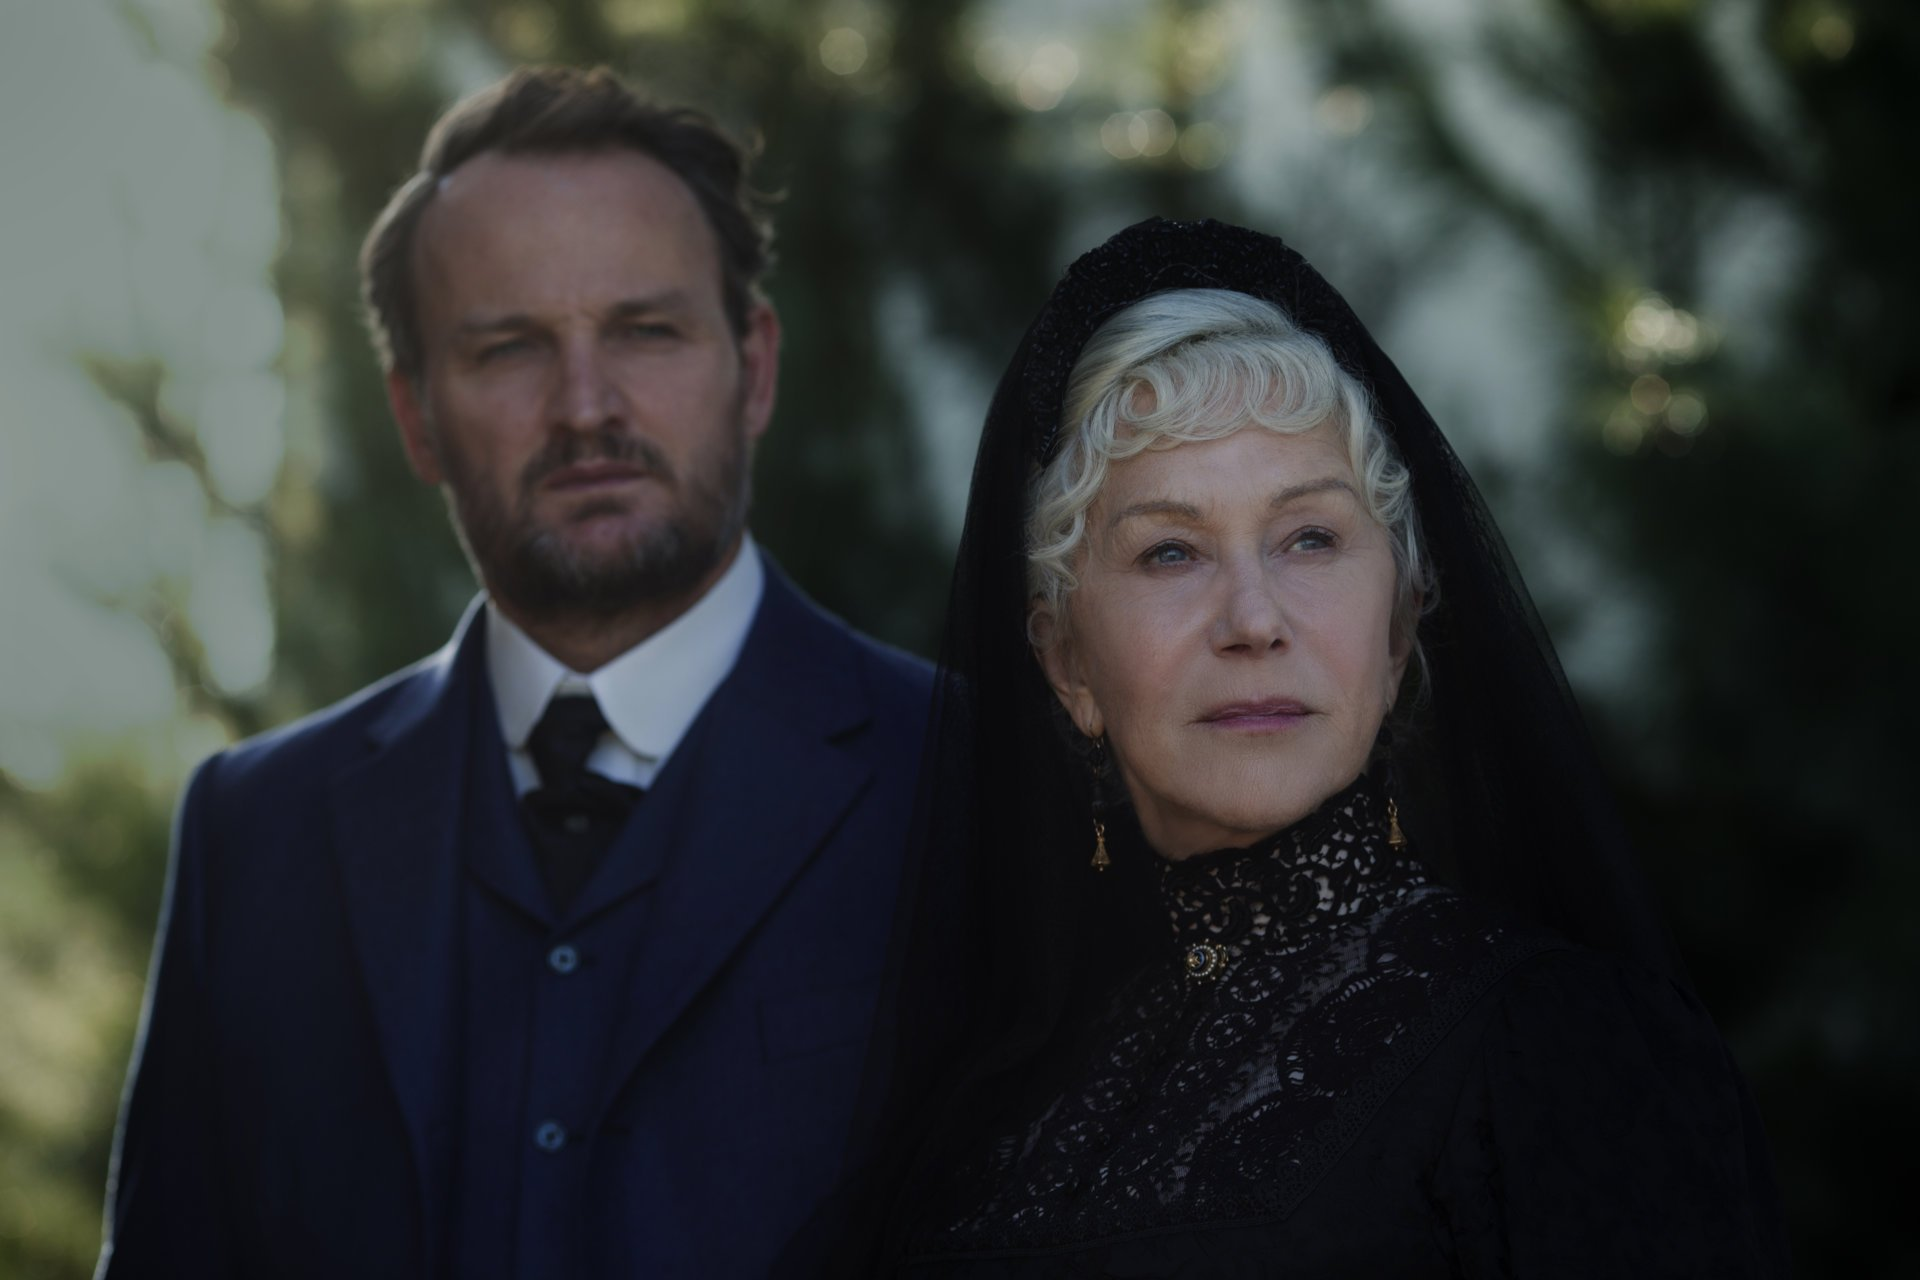 La Mansión Winchester, La Casa que construyeron los Espíritus y la película de Terror de la semana 2